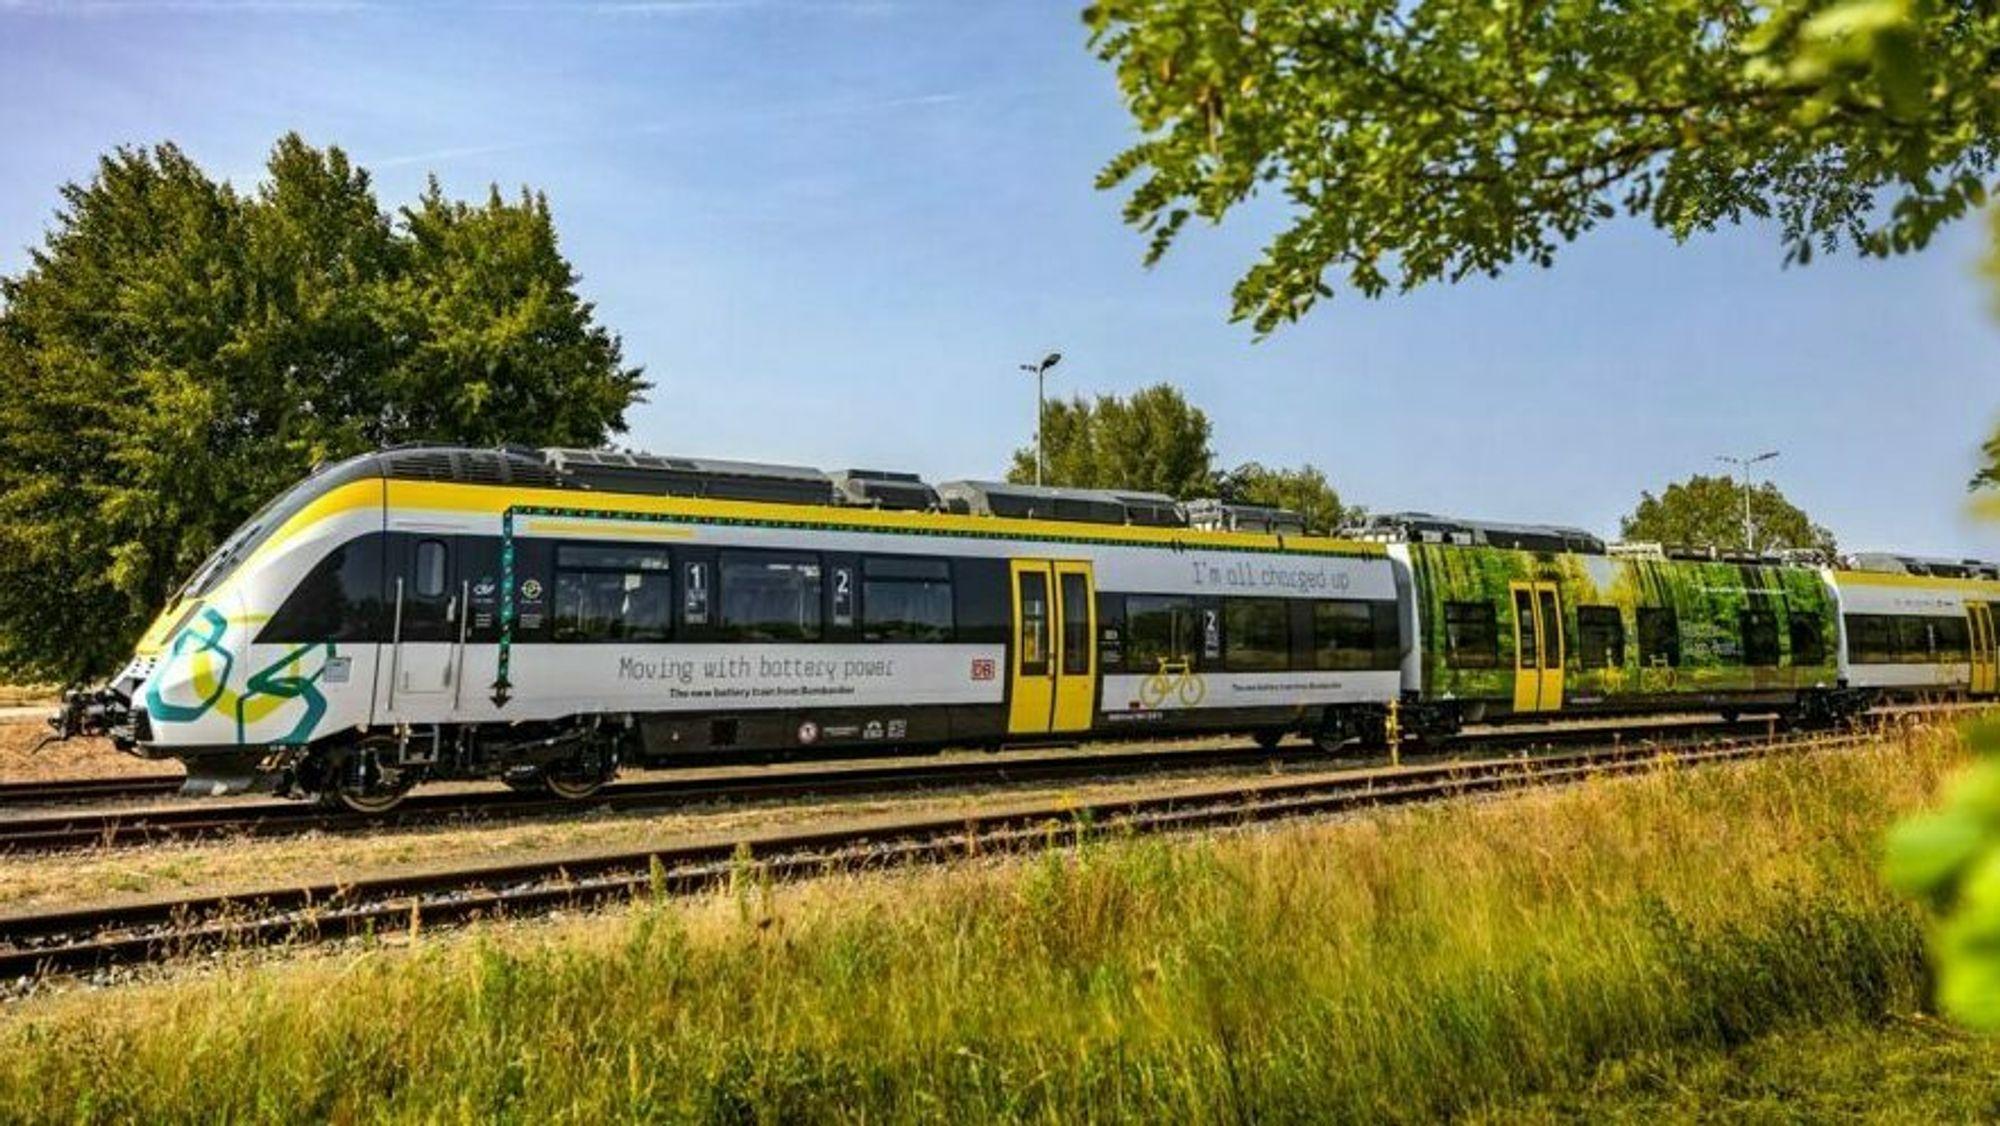 Et av stadig flere tog med batteridrift. Denne er levert av Bombardier Transportation.